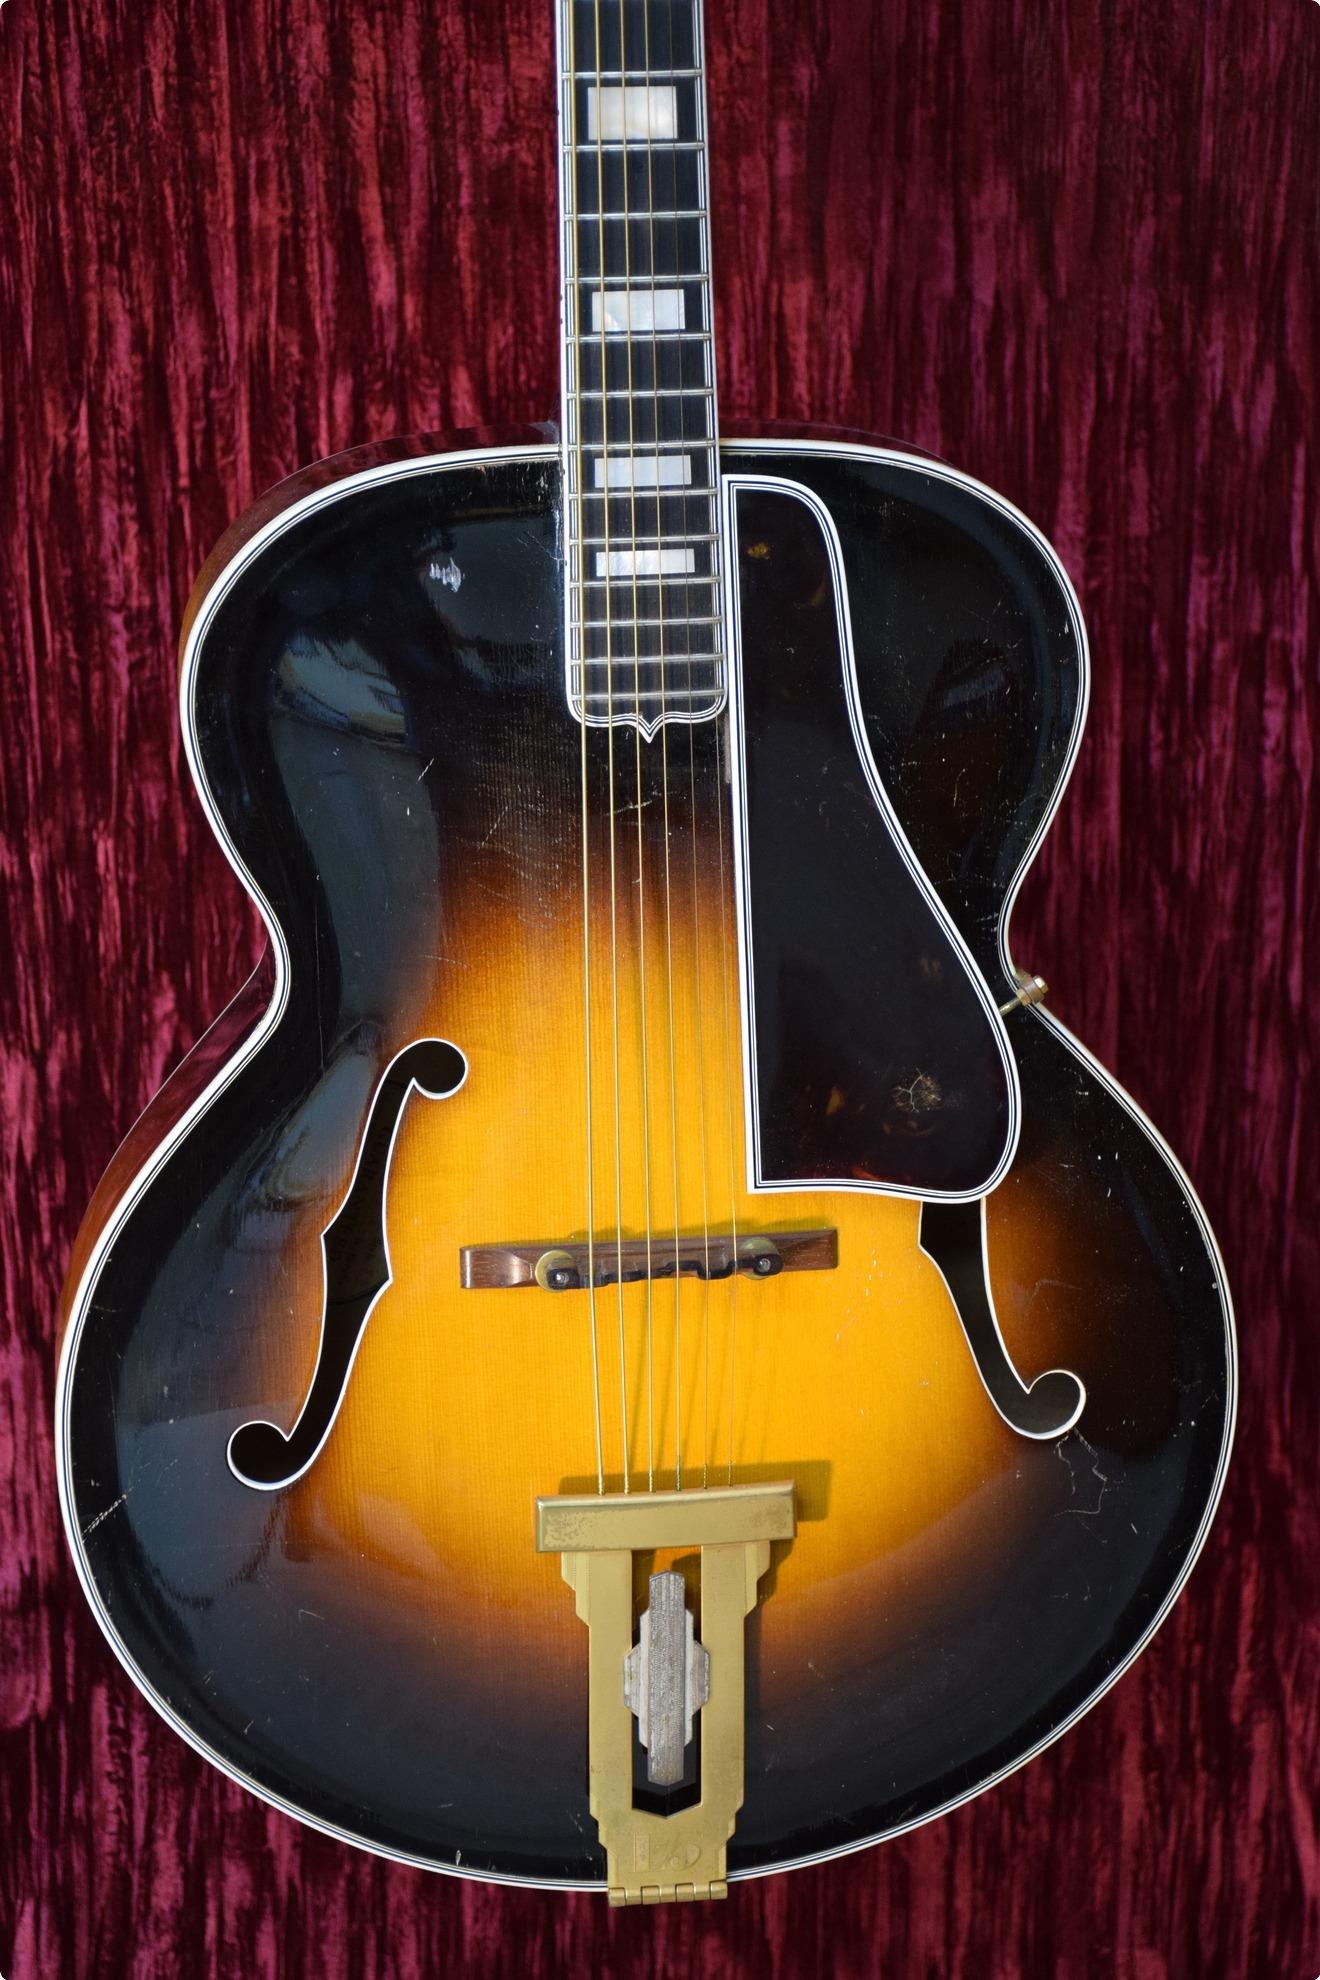 gibson l 5 1939 sunburst guitar for sale new yorker guitars llc. Black Bedroom Furniture Sets. Home Design Ideas